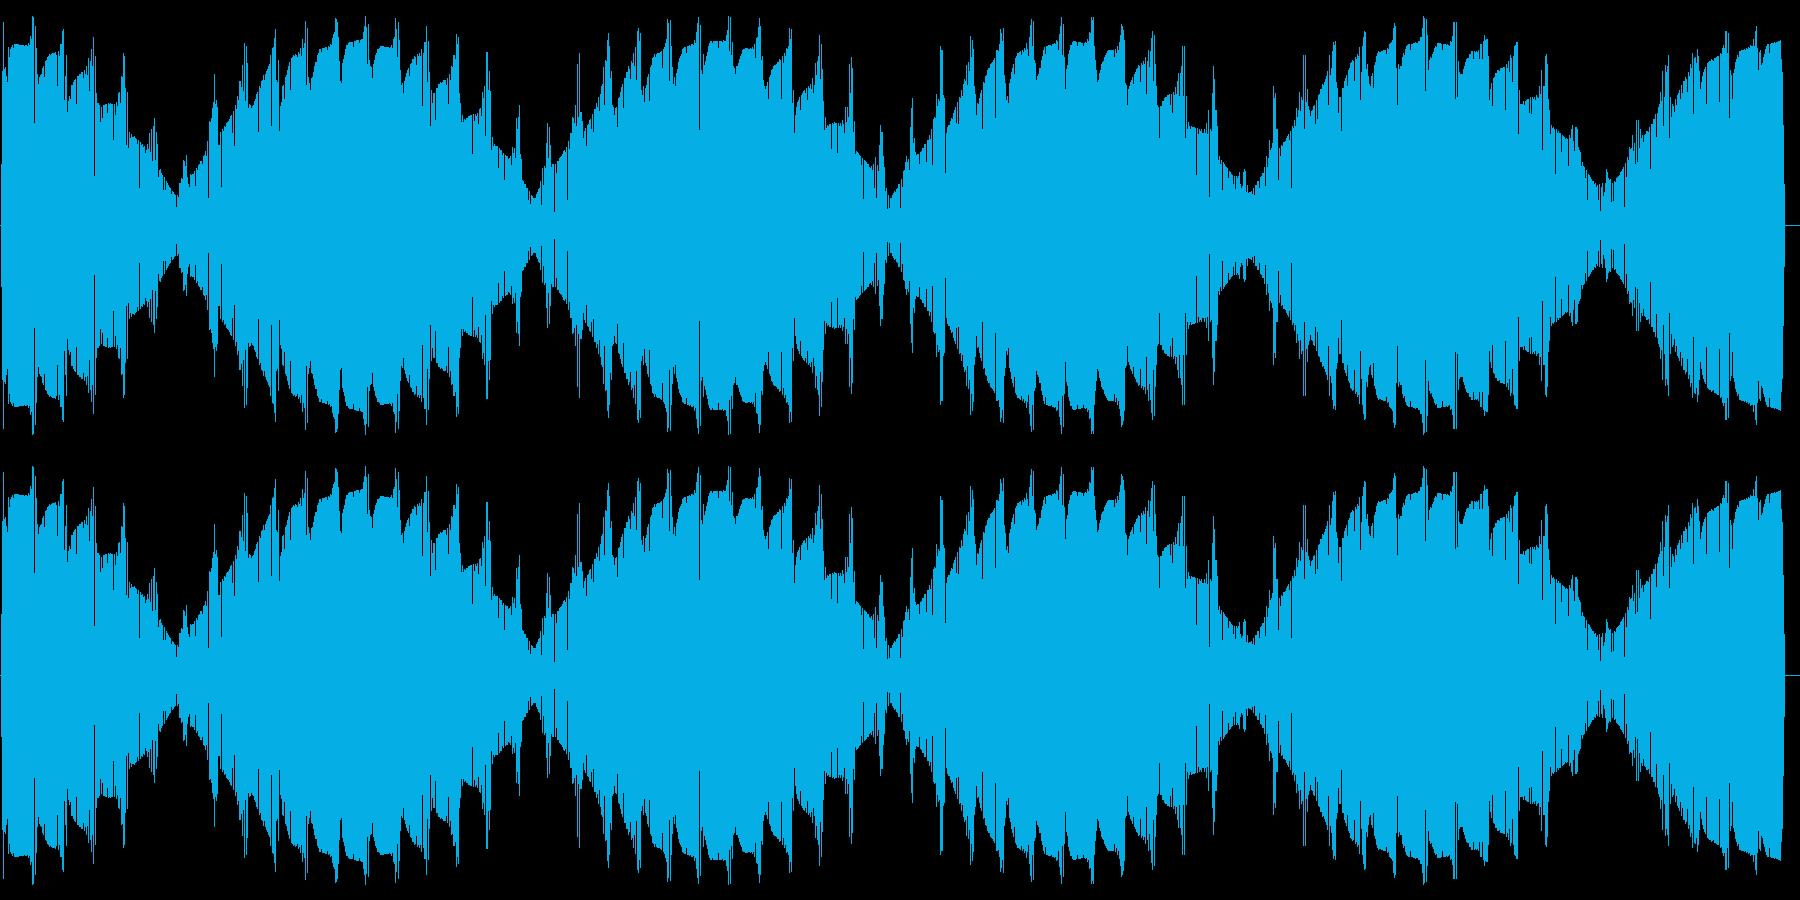 ワープエンジン(出力50%に保たれた音)の再生済みの波形